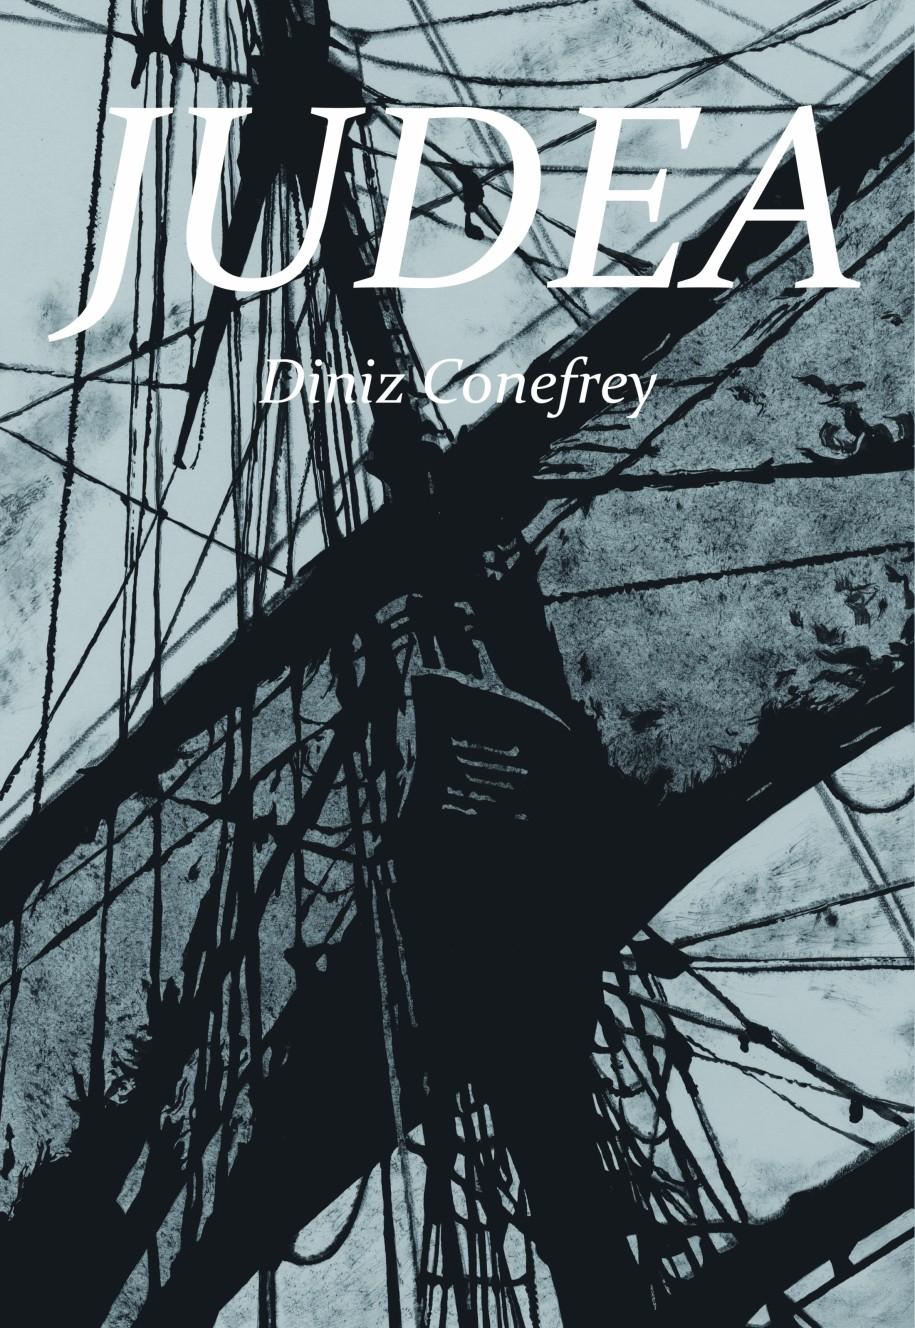 JUDEA